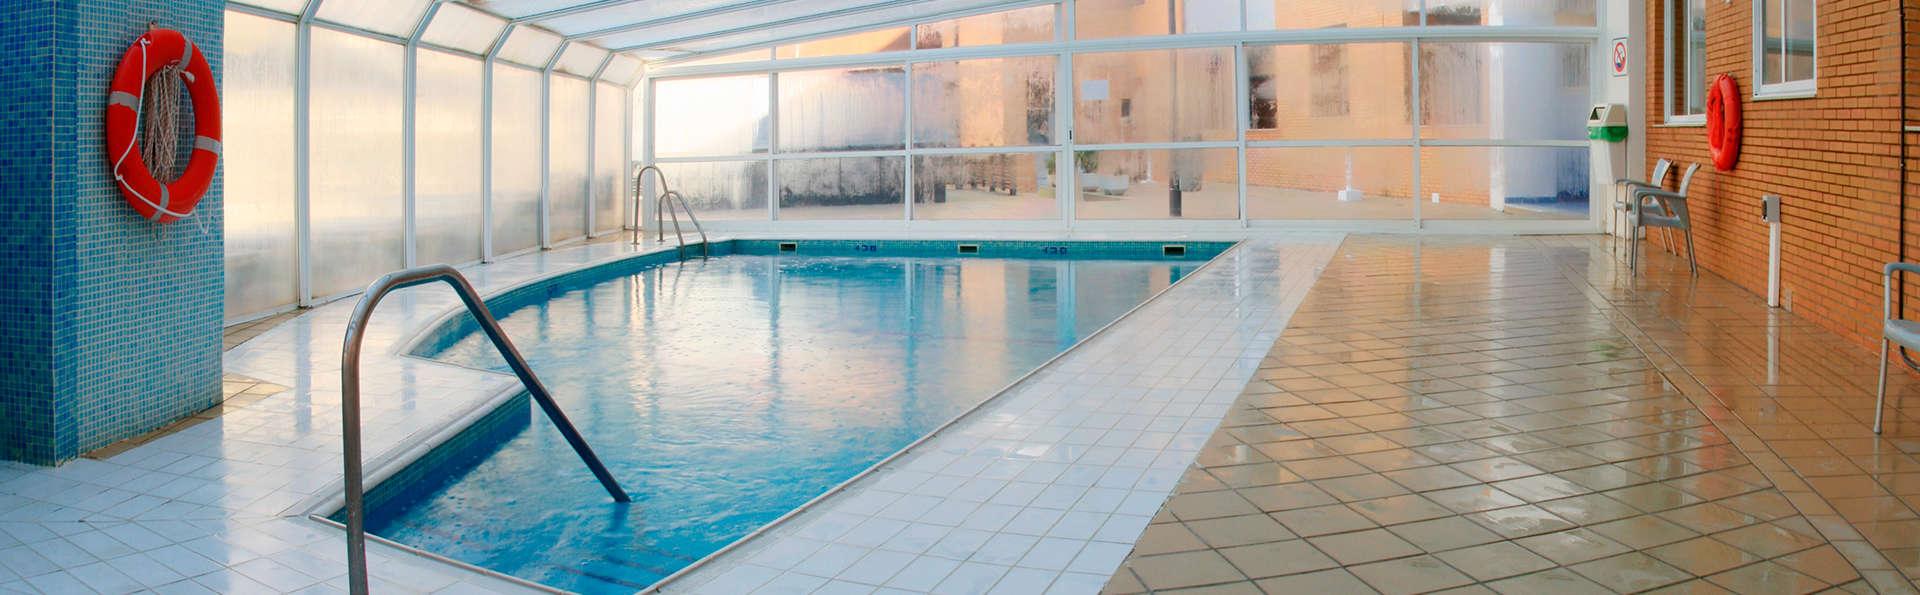 Hotel Neptuno Roquetas - EDIT_inpool.jpg